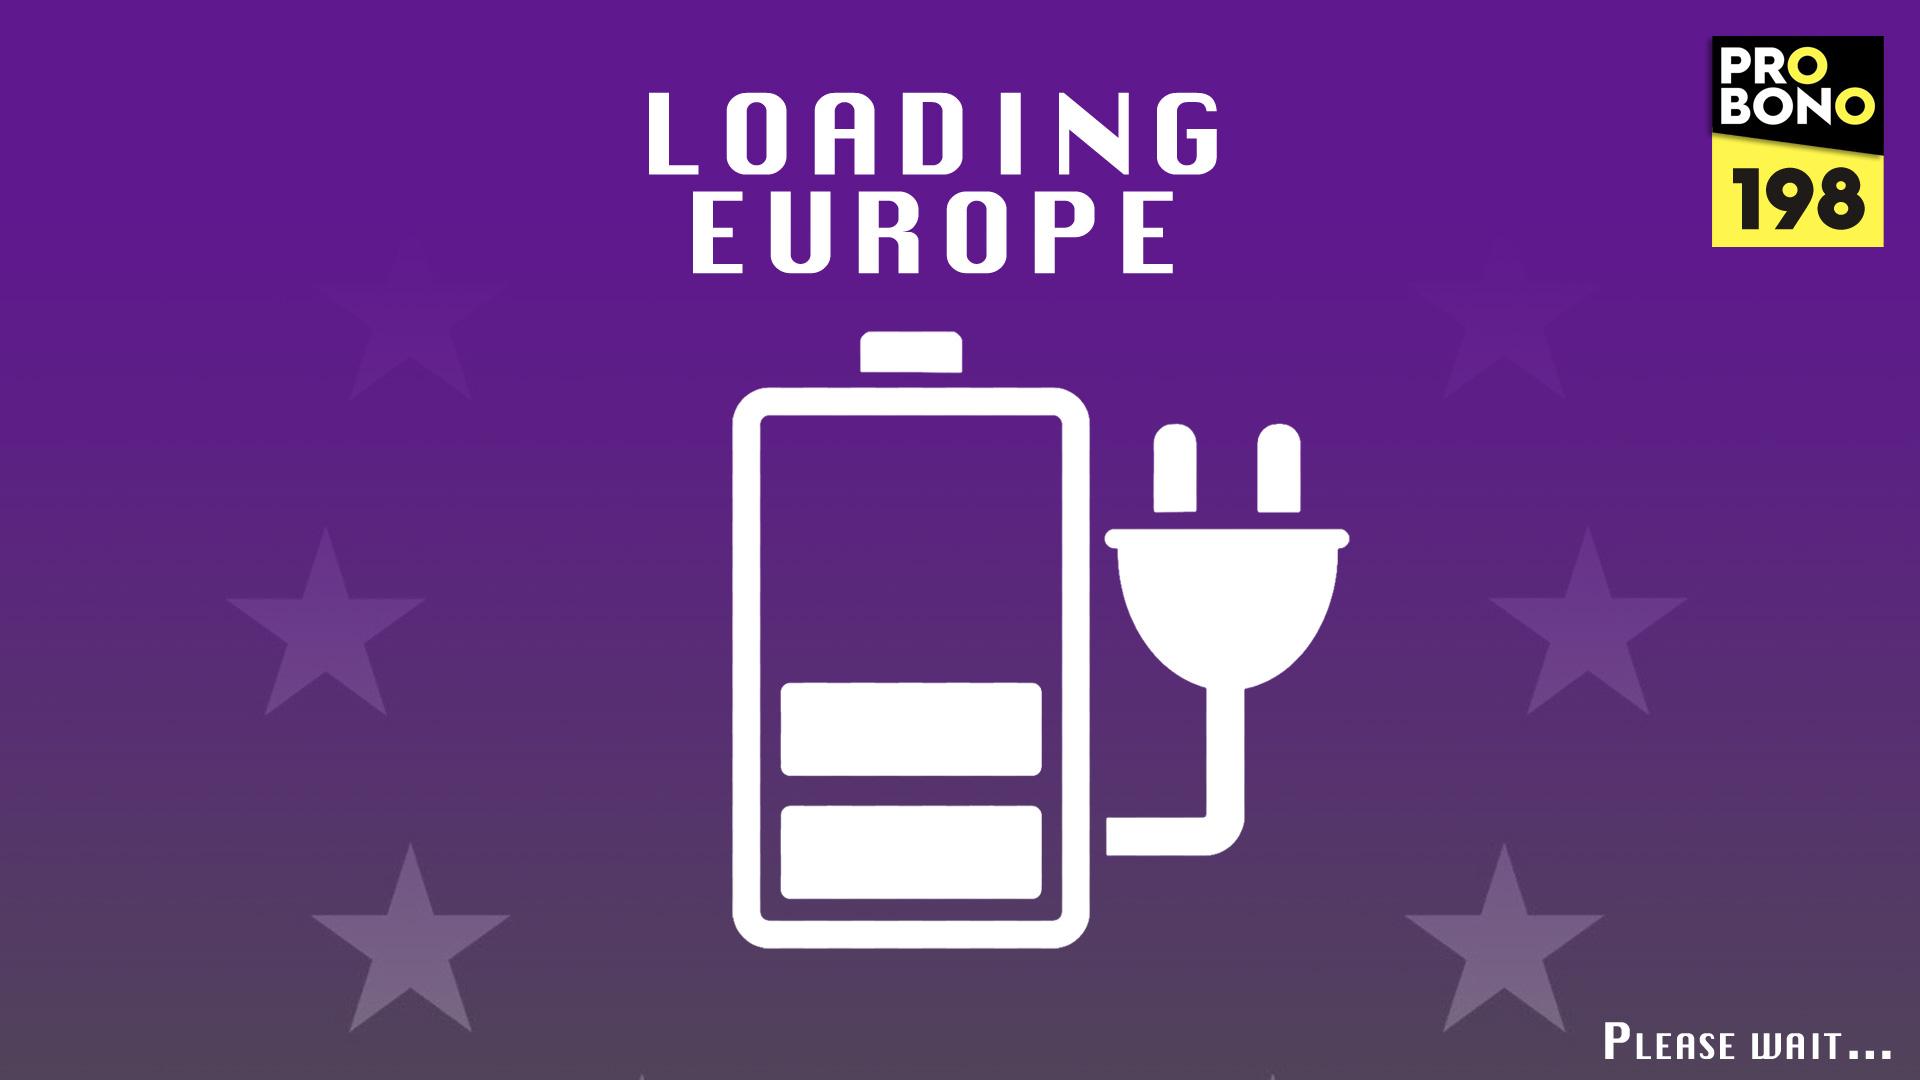 Volt: Diese Partei will Europa retten (probono Magazin)